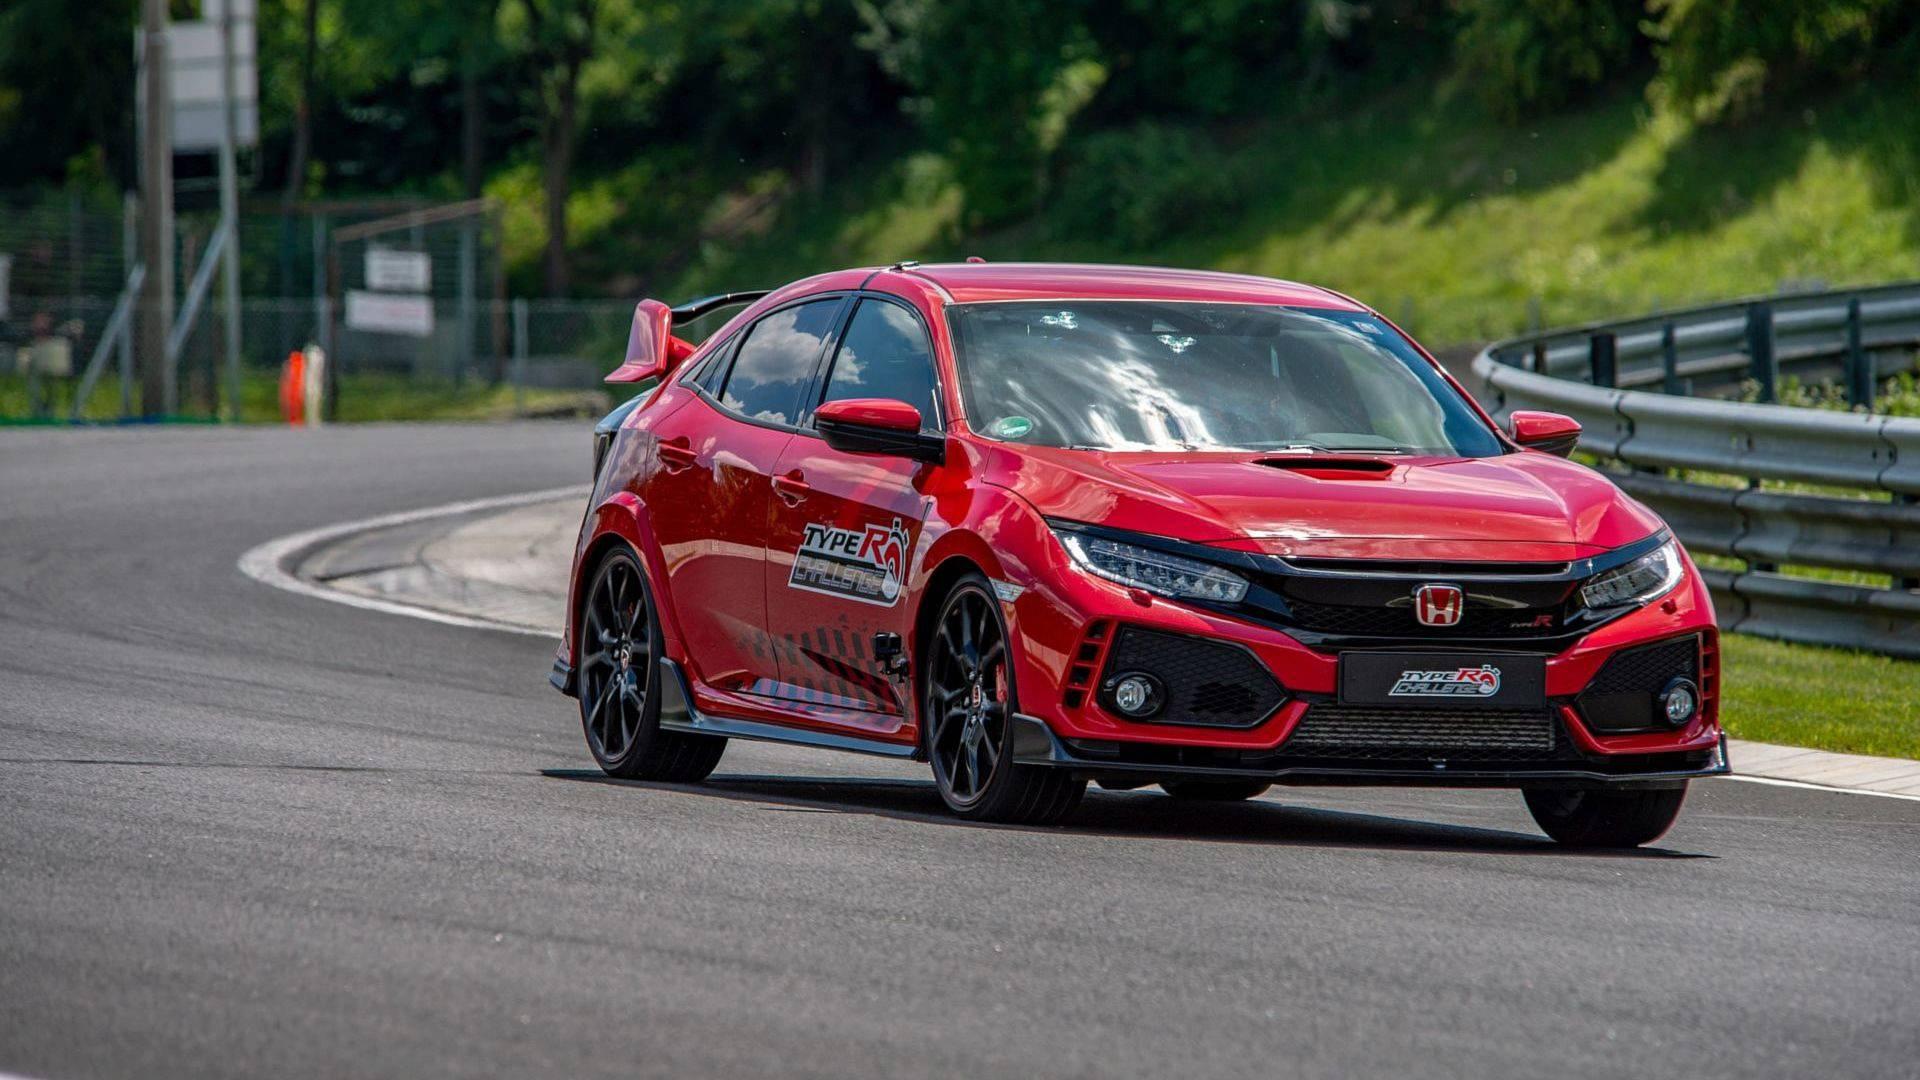 Honda Type R Challenge 2018 Hungaroring (1)